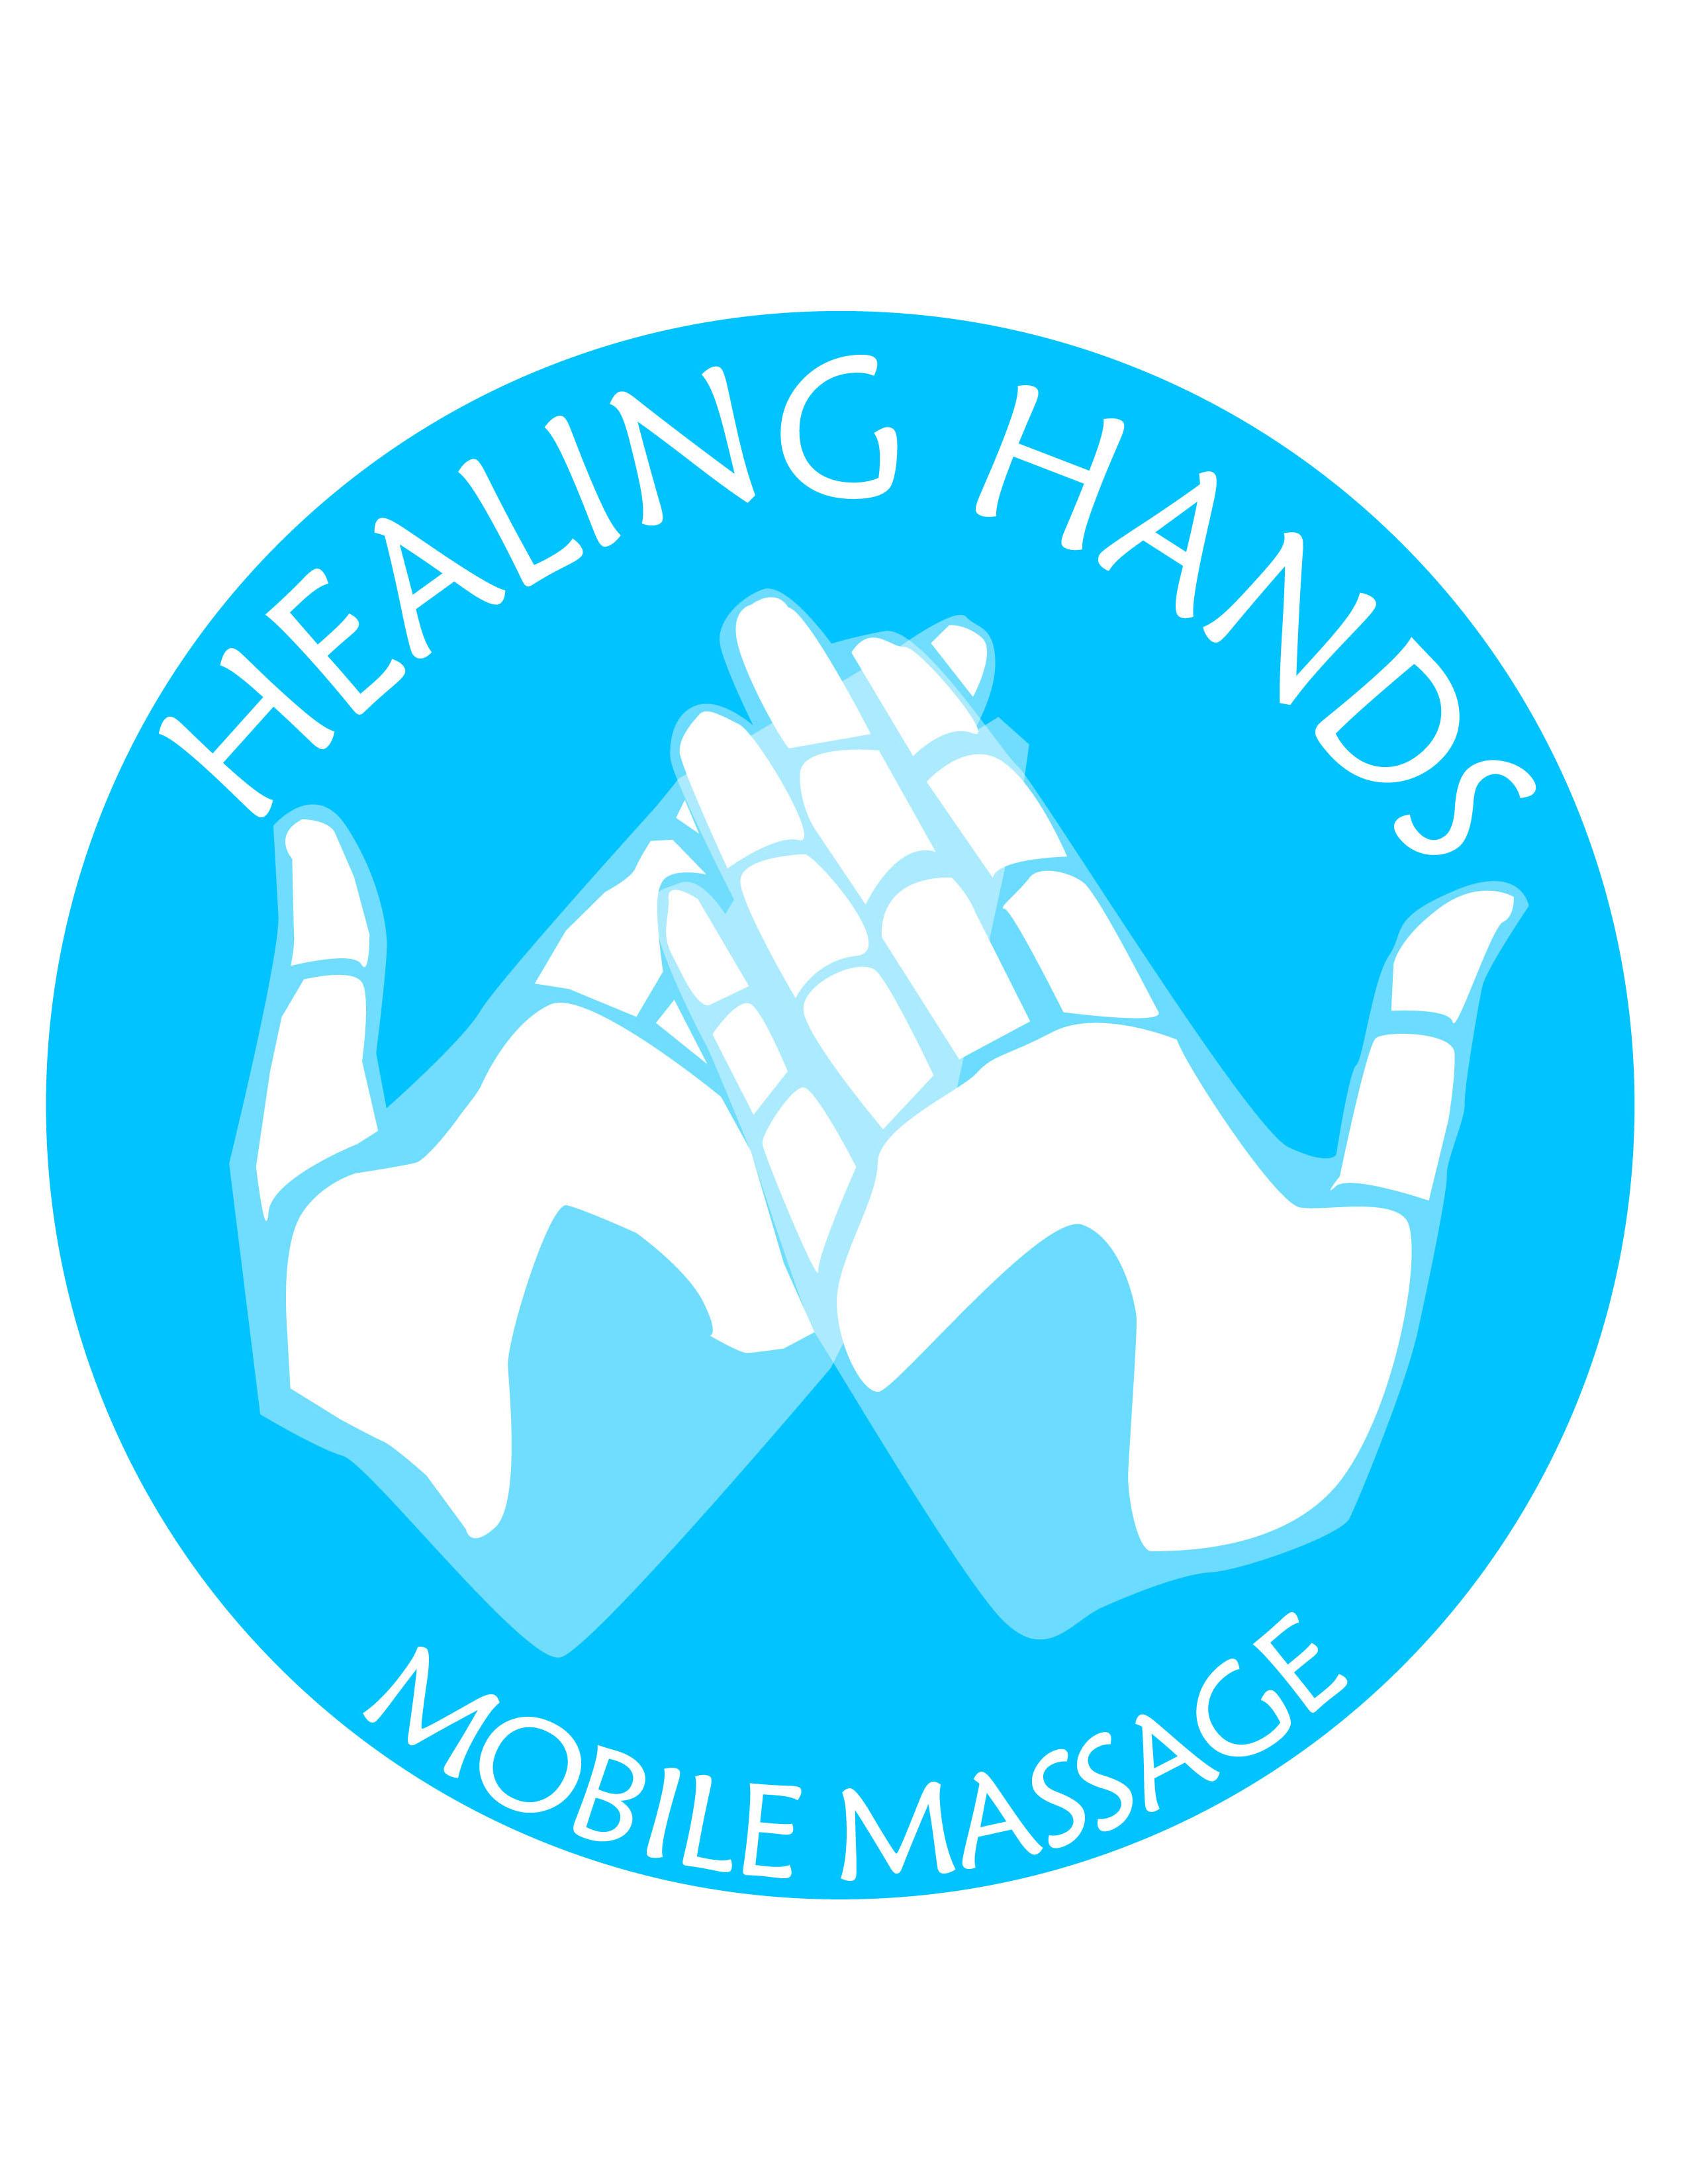 Healing Hands Mobile Massage